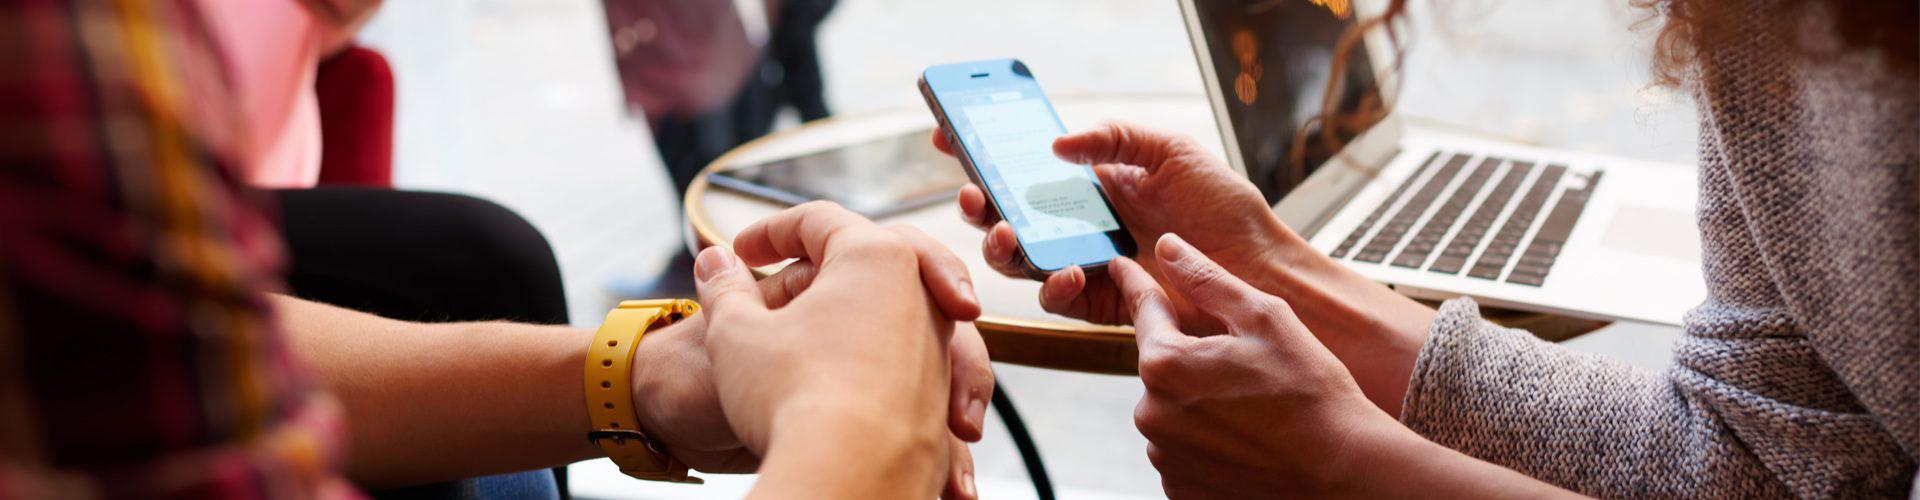 Κατασκευη εφαρμογων για κινητα